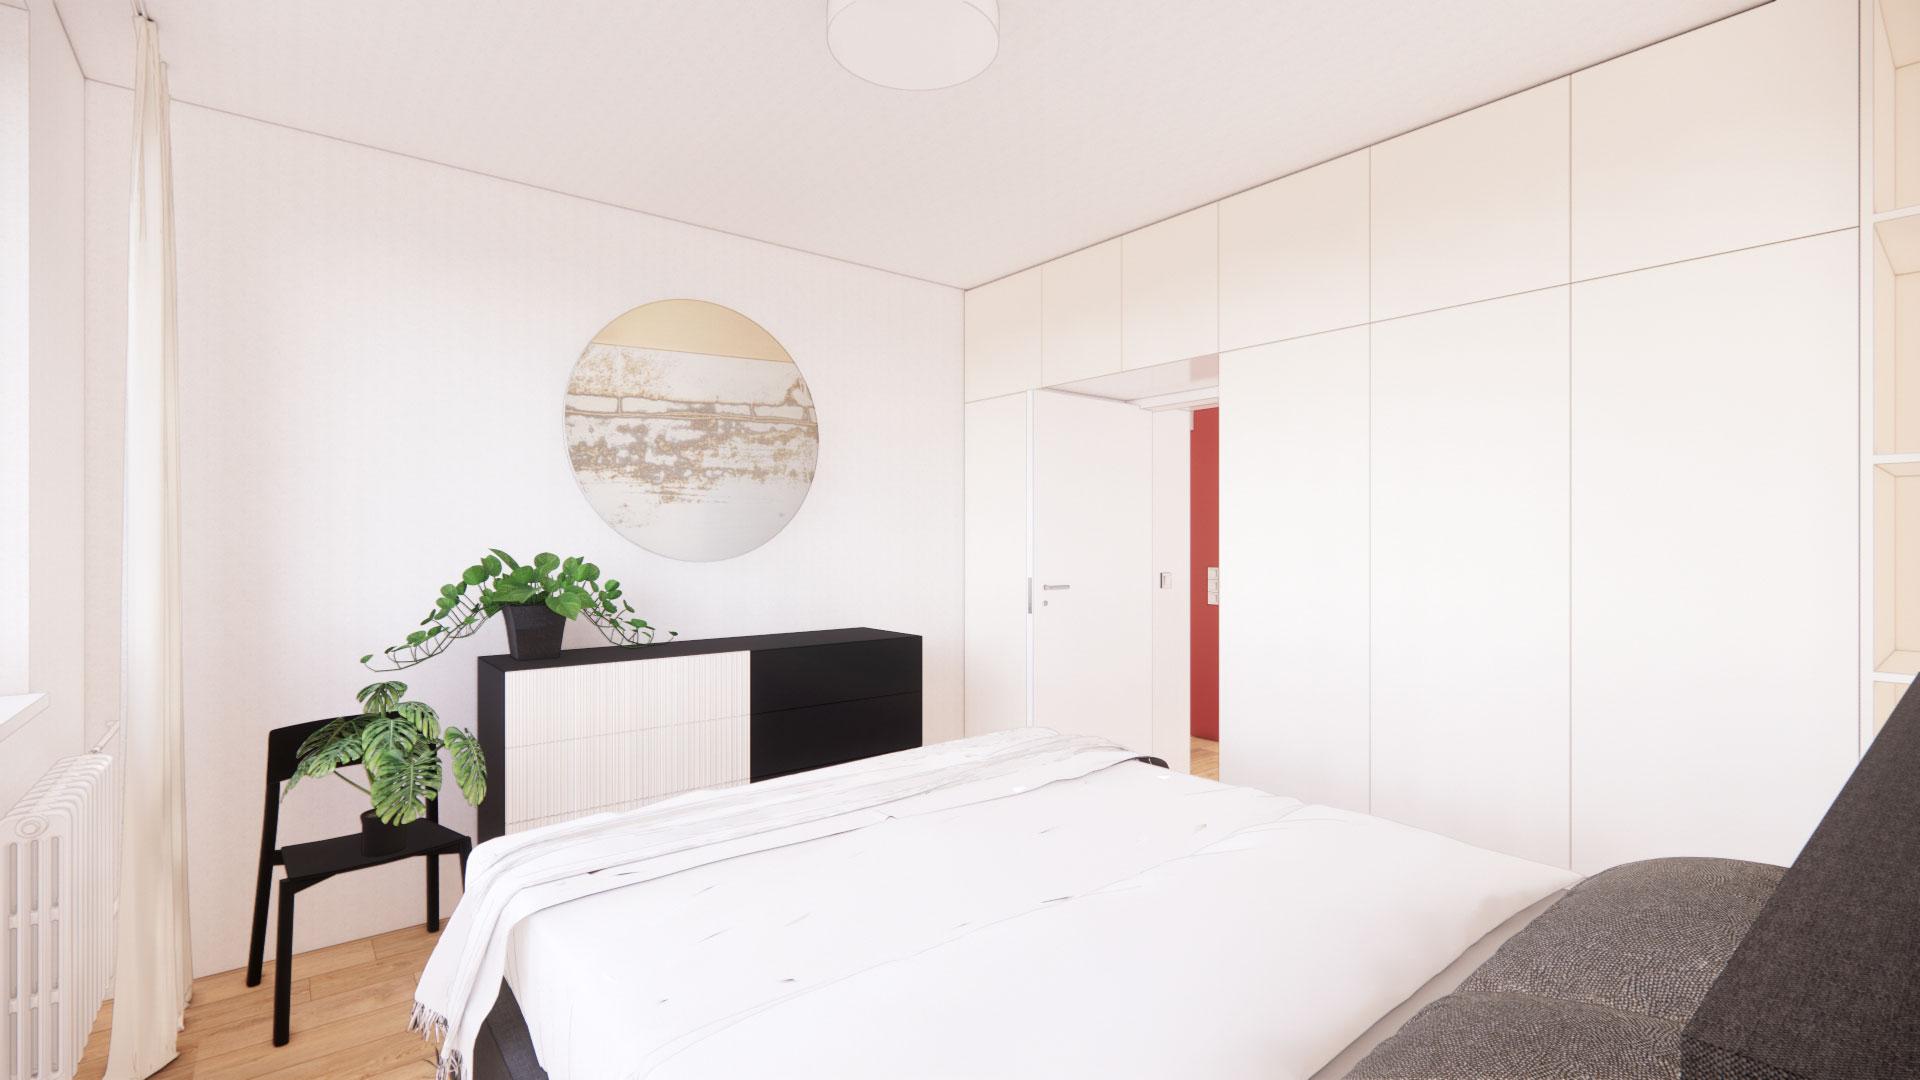 noiz-architekti-interier-byt-lotysska-10